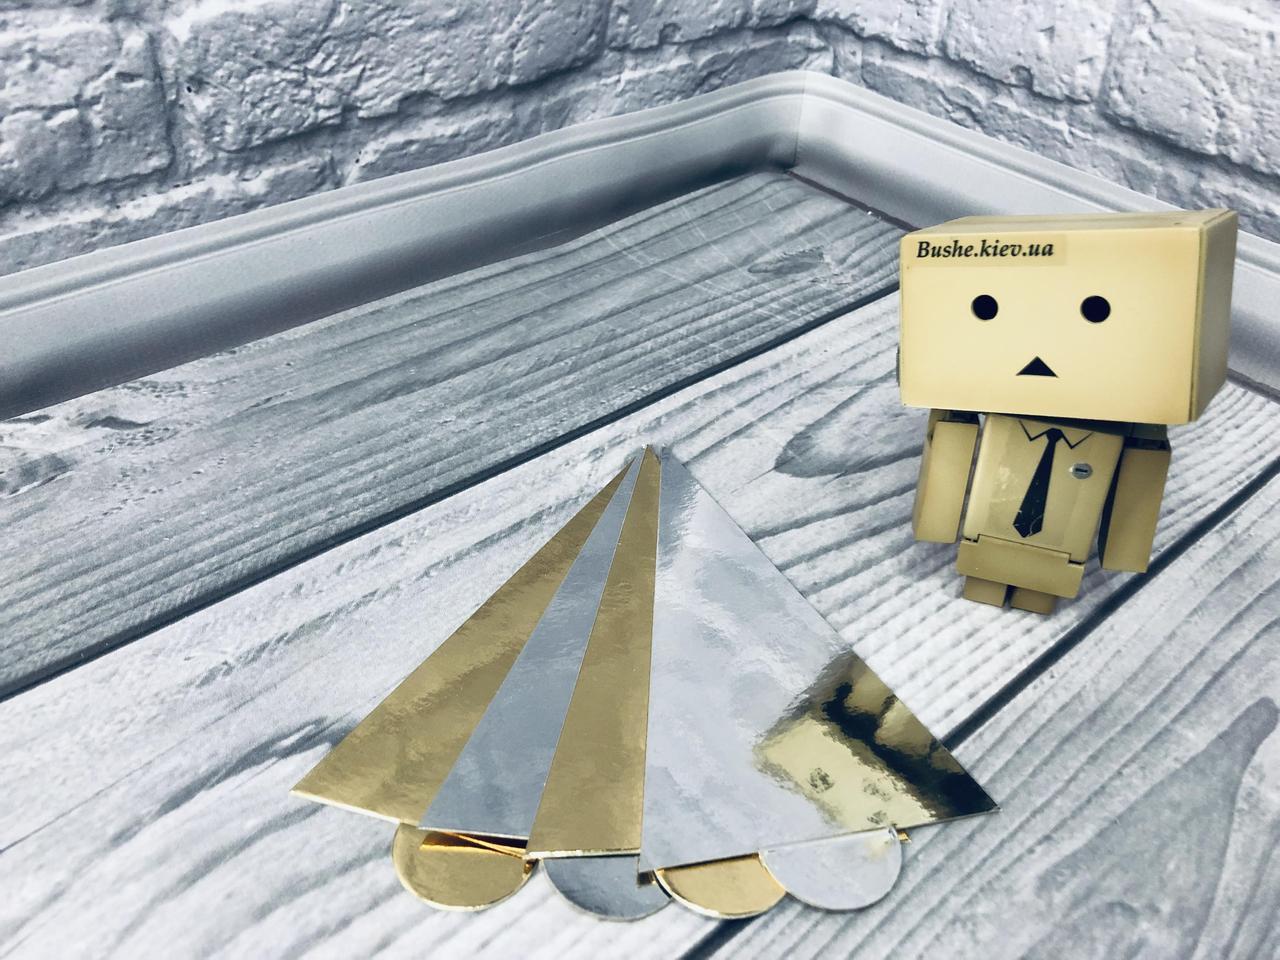 *100 шт* / Подложка под пирожное 12х9см-РУЧ, Золото-серебро, 120х90мм/мин 100 шт